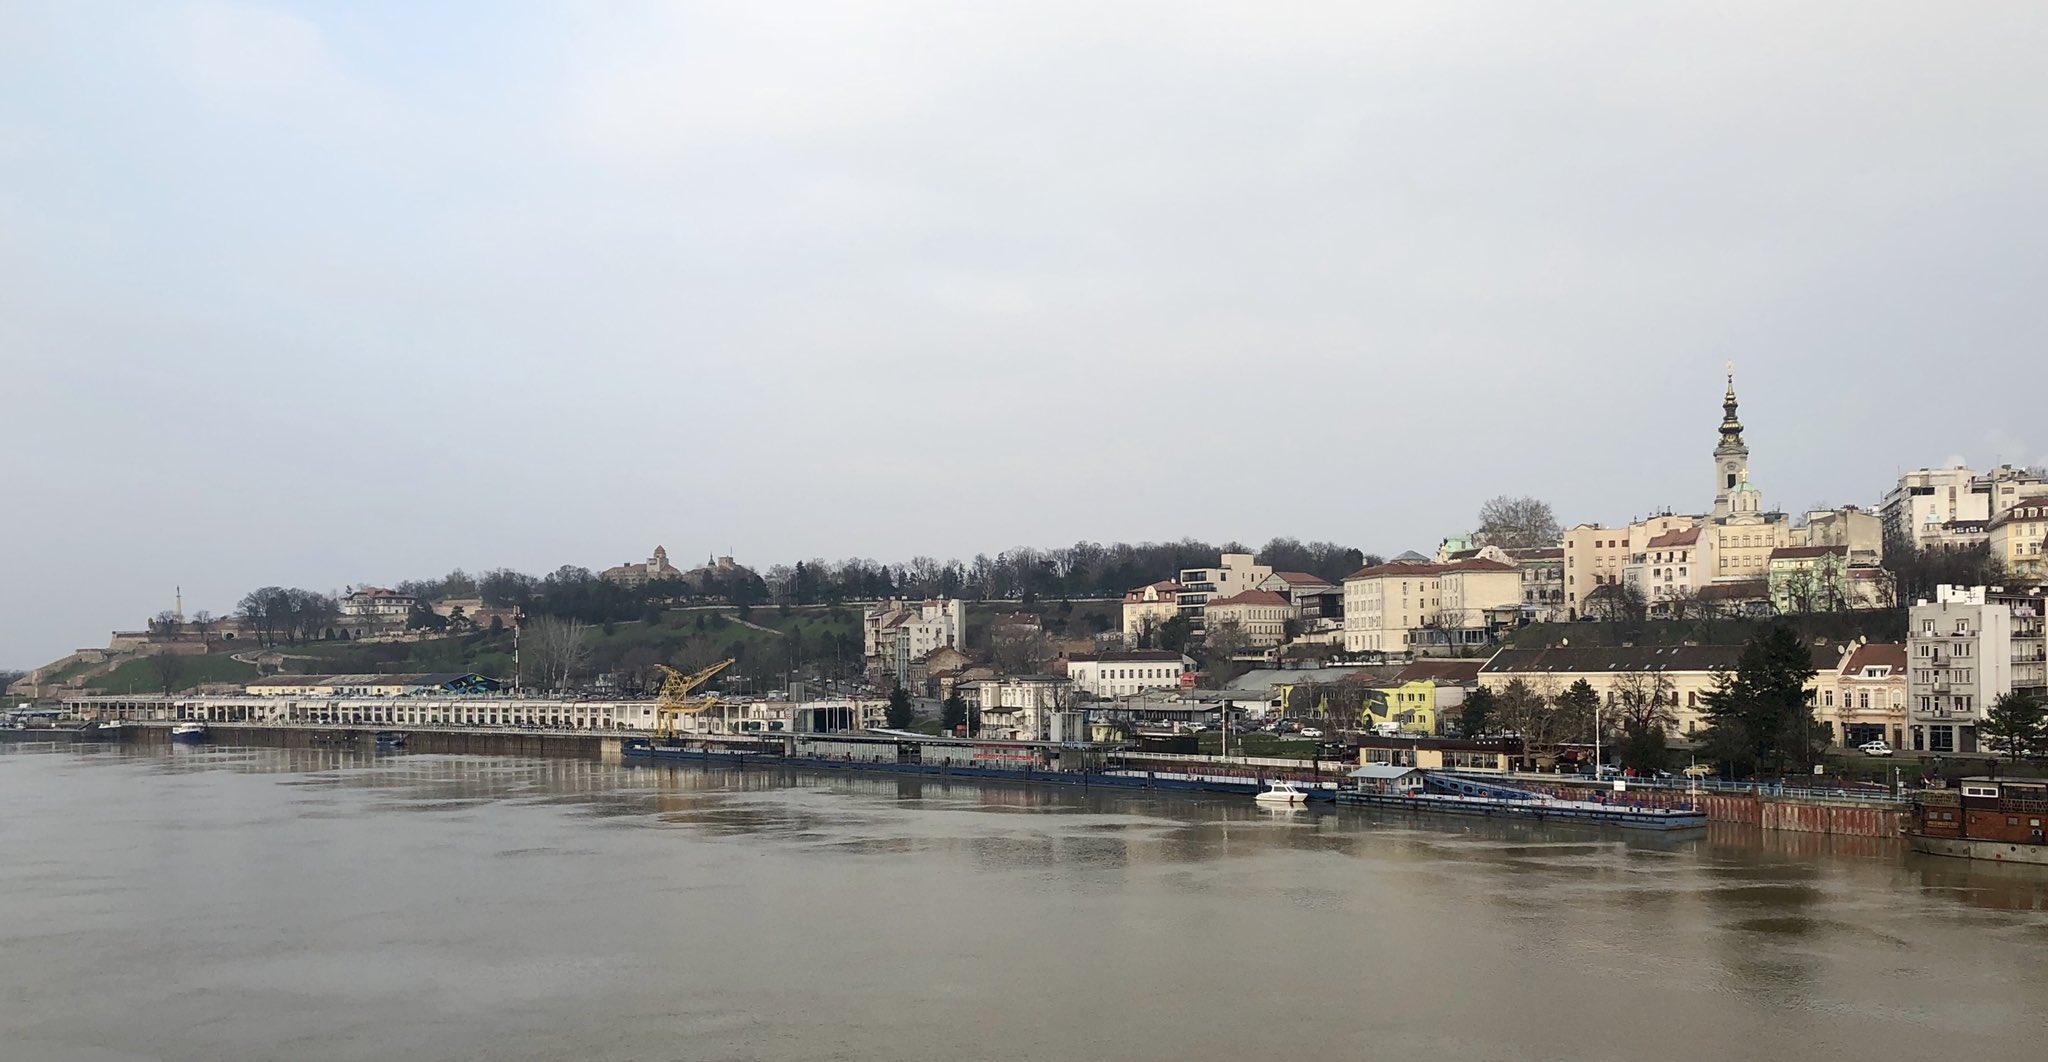 Estoy en Belgrado hoy y me maravillo de que su Universidad este en el puesto 200-300 con Serbia teniendo un PIB per capita de 13k€.  Nuestra @UMU esta en el 700-800 con la region de Murcia con PIBc de 20 k€. No entiendo la razón! Lo vamos a cambiar! @ArtalRectorUM https://t.co/3YqozoNoog